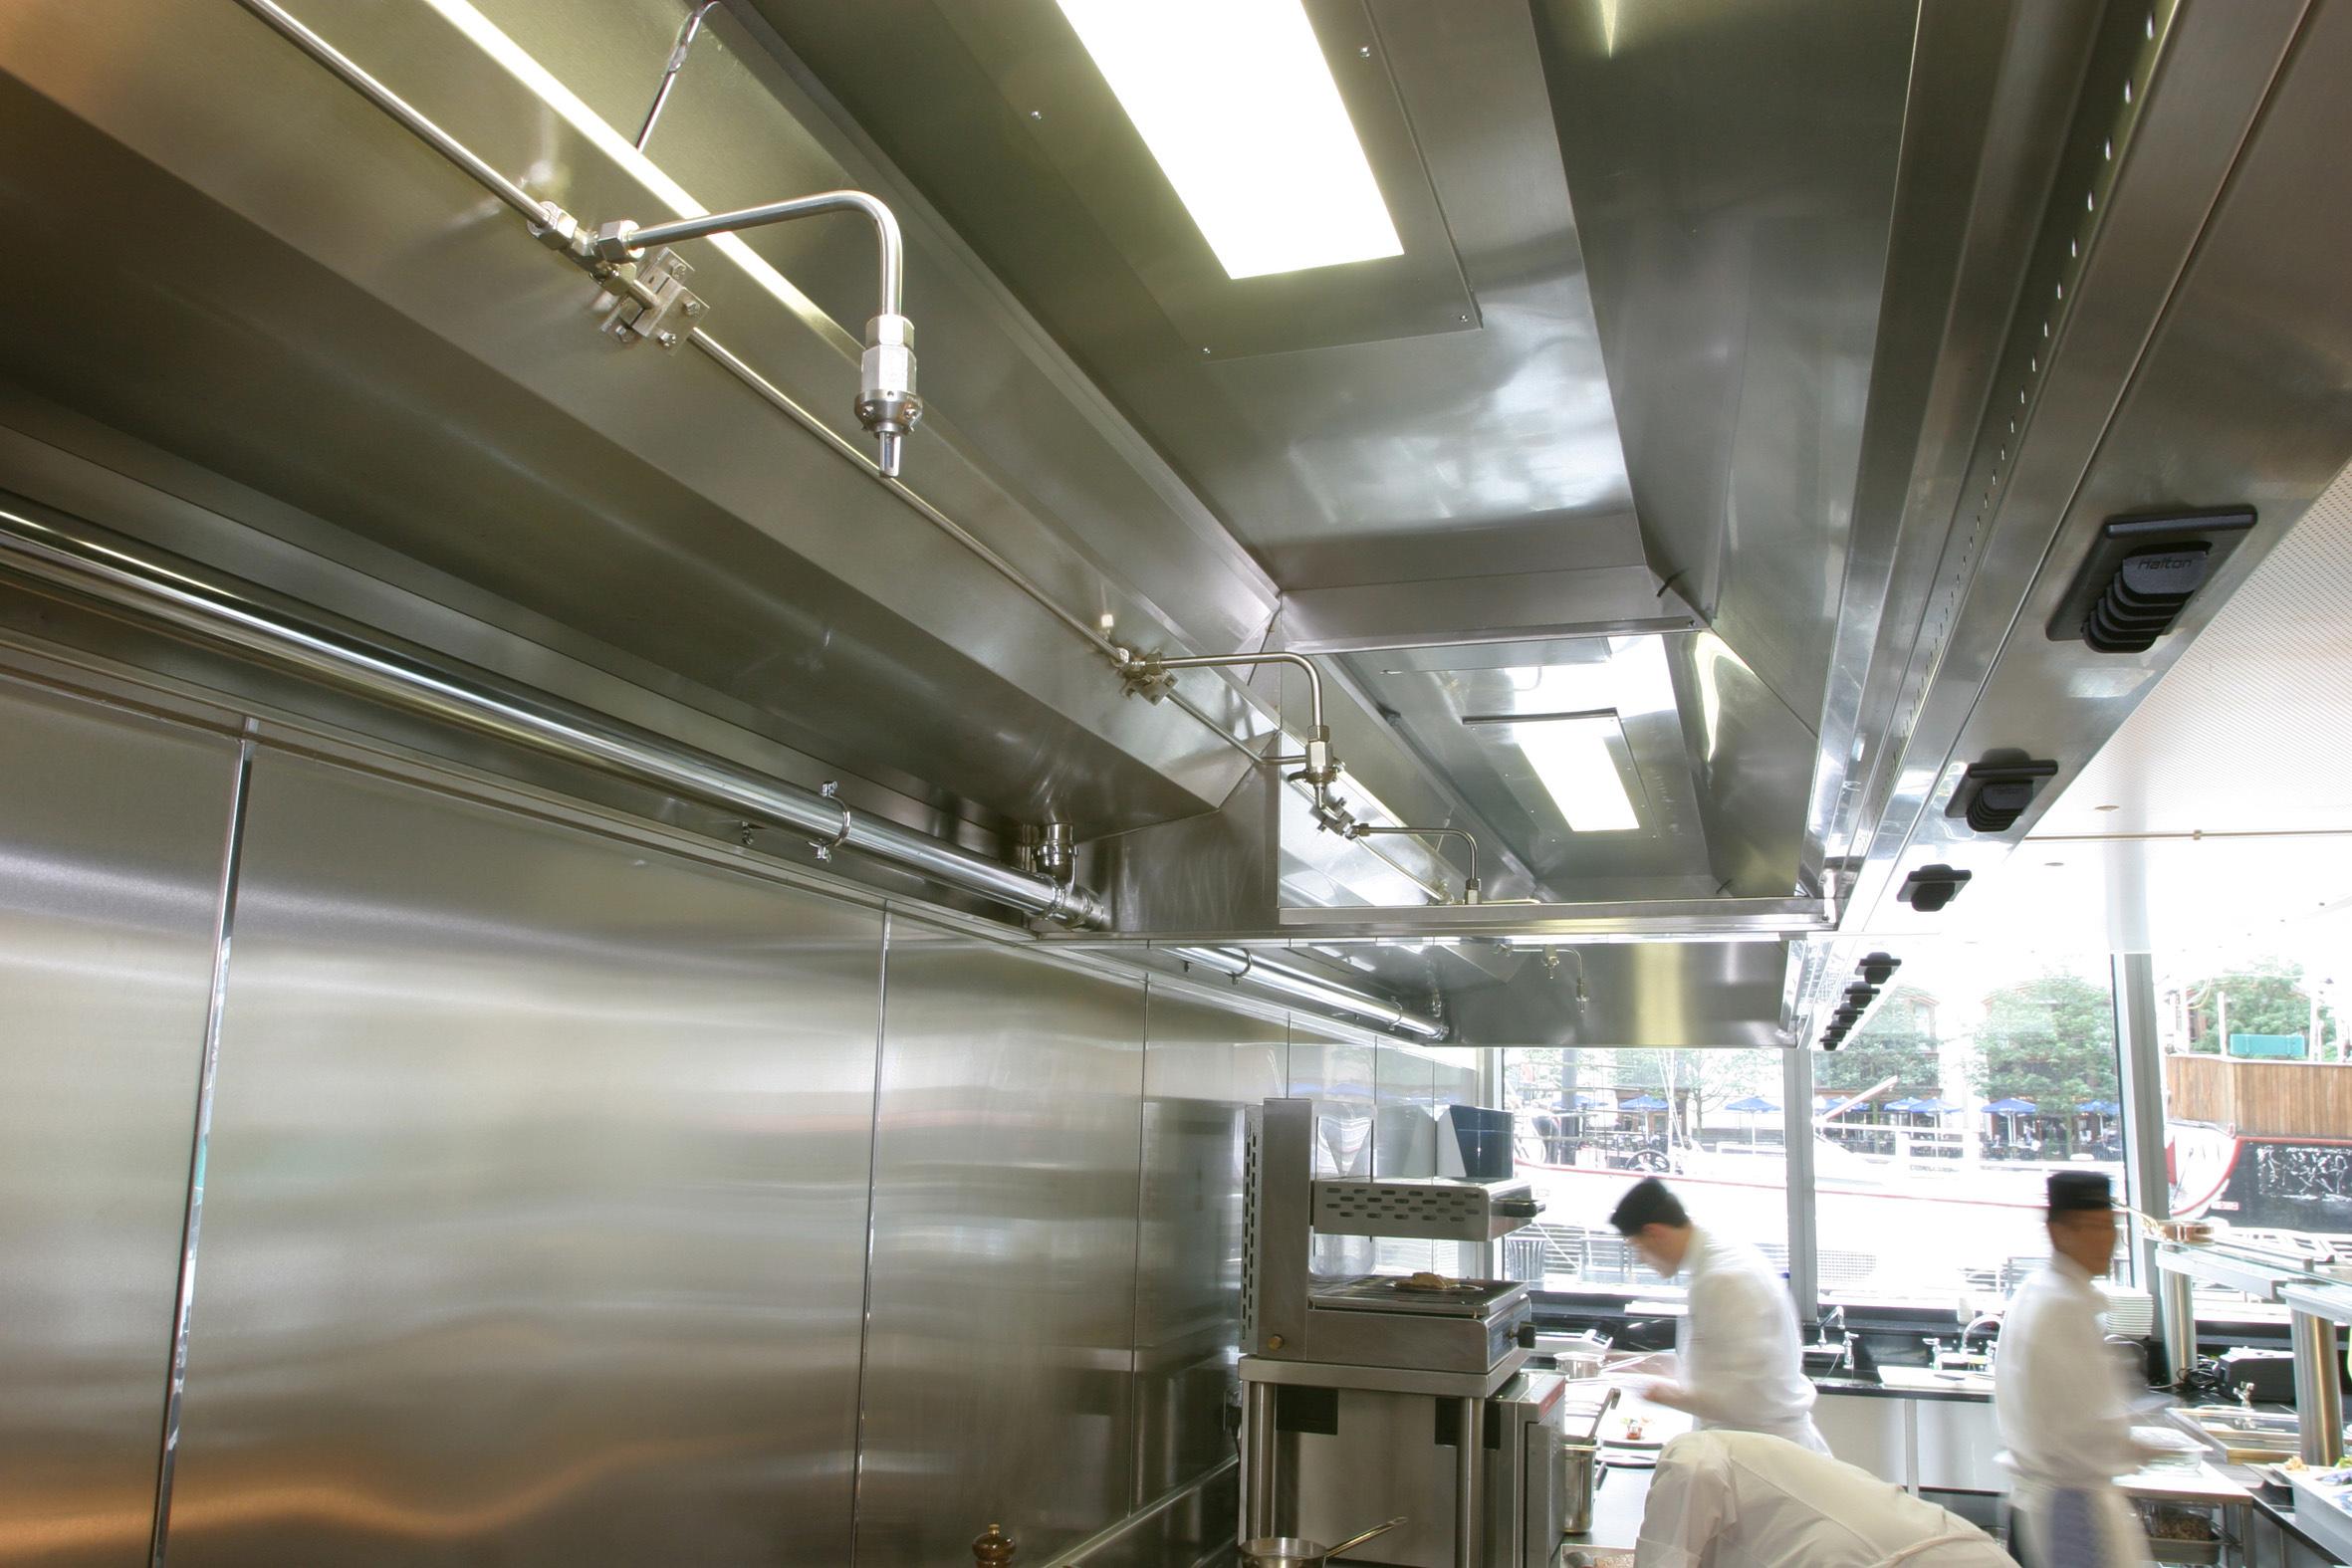 Grandezza isola cucina - Ventilazione cucina ...